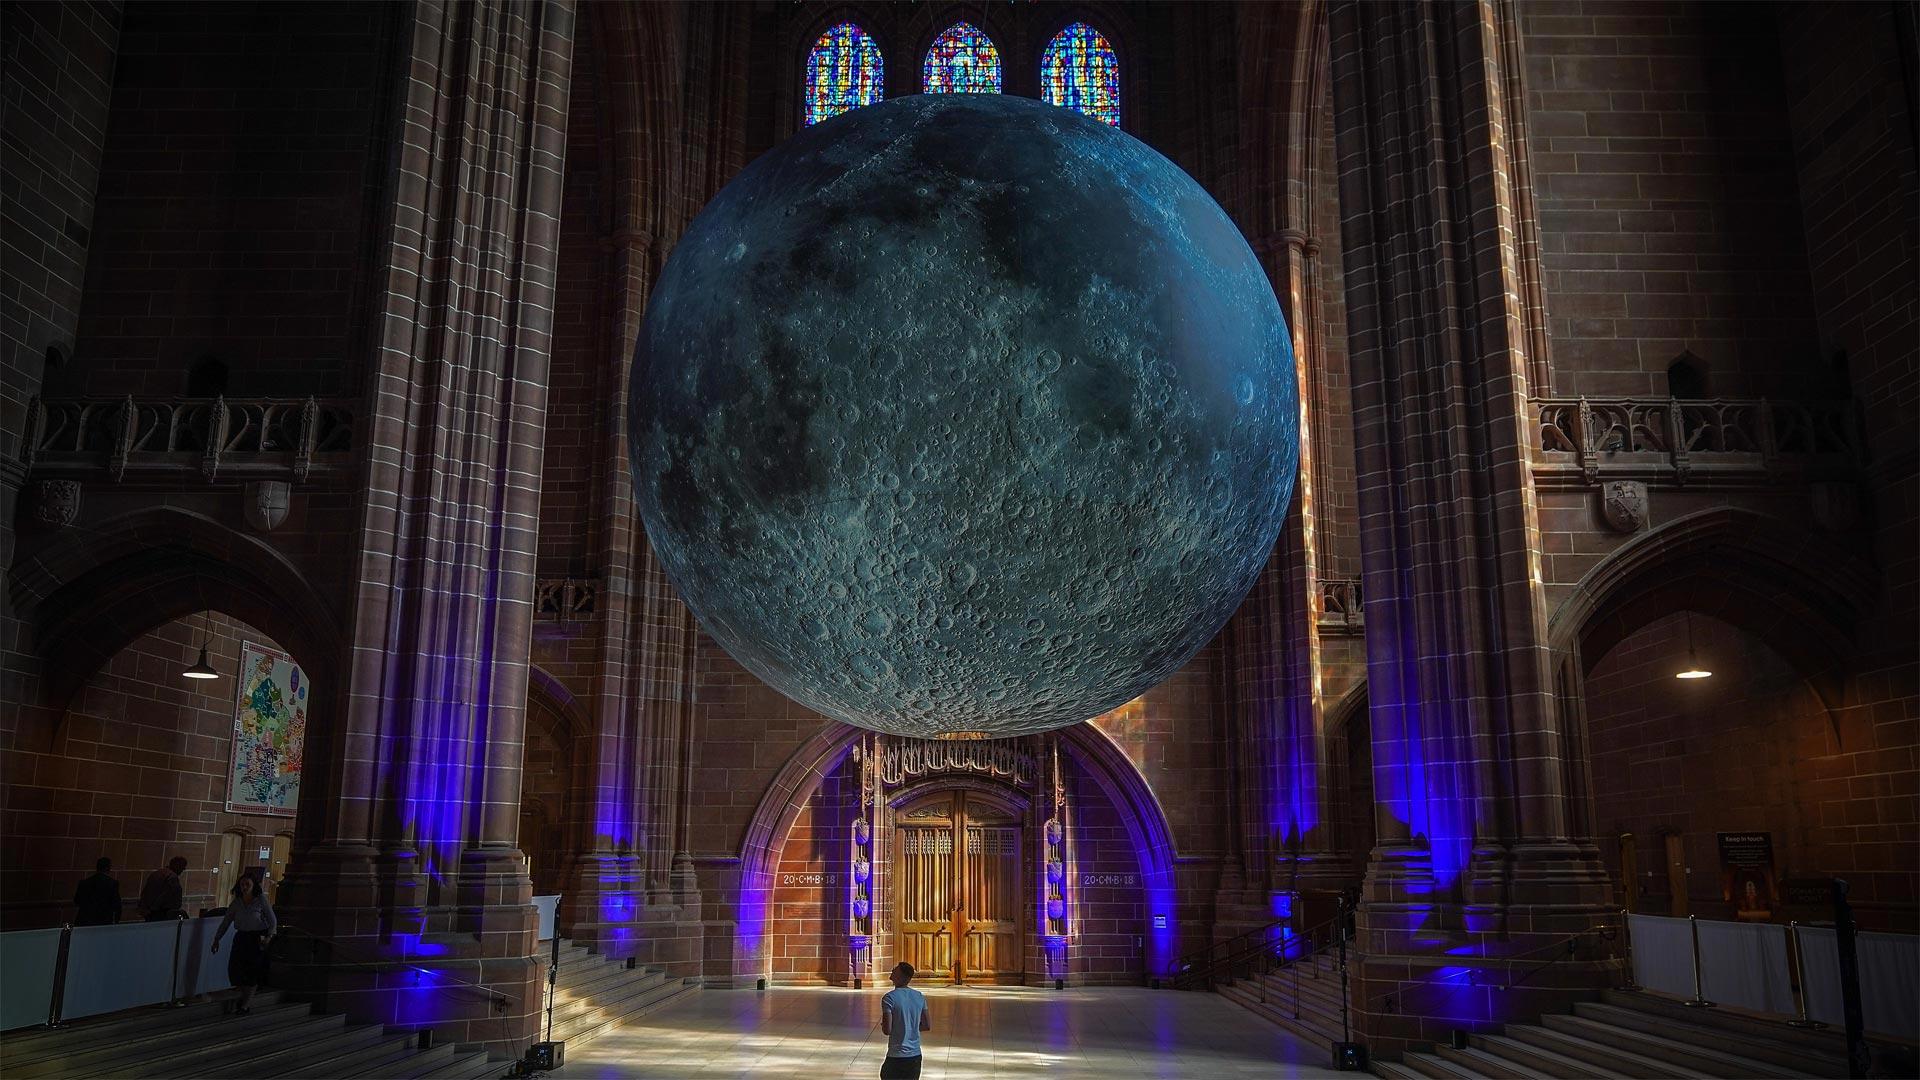 「月の博物館」イギリス, リバプール (© Christopher Furlong/Getty Images)